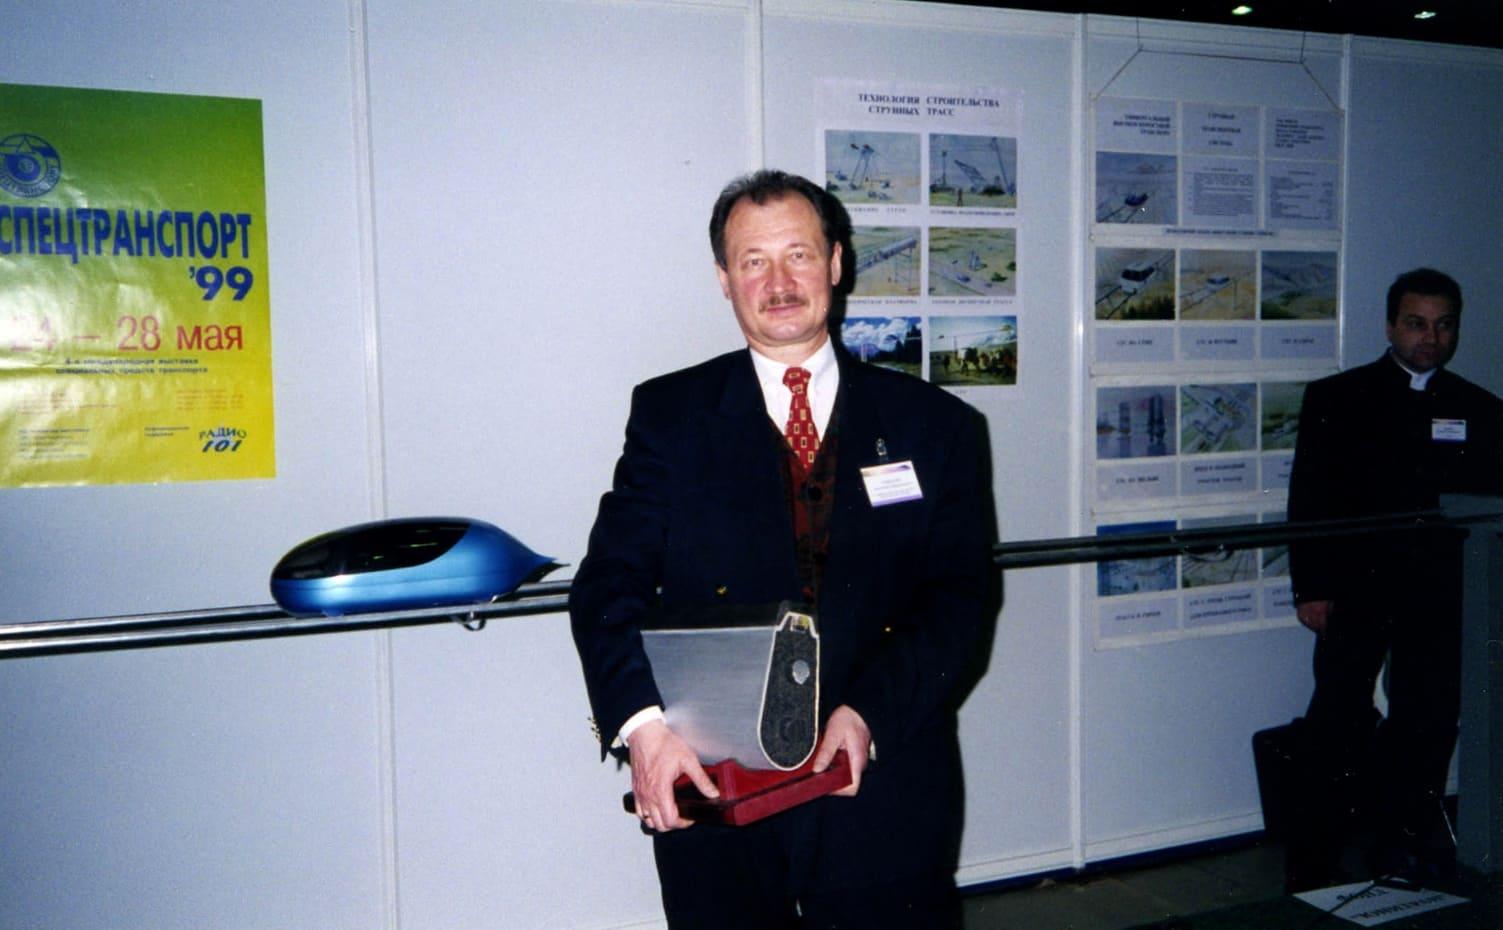 Выставка «Спецтранспорт–99». Май 1999 г.